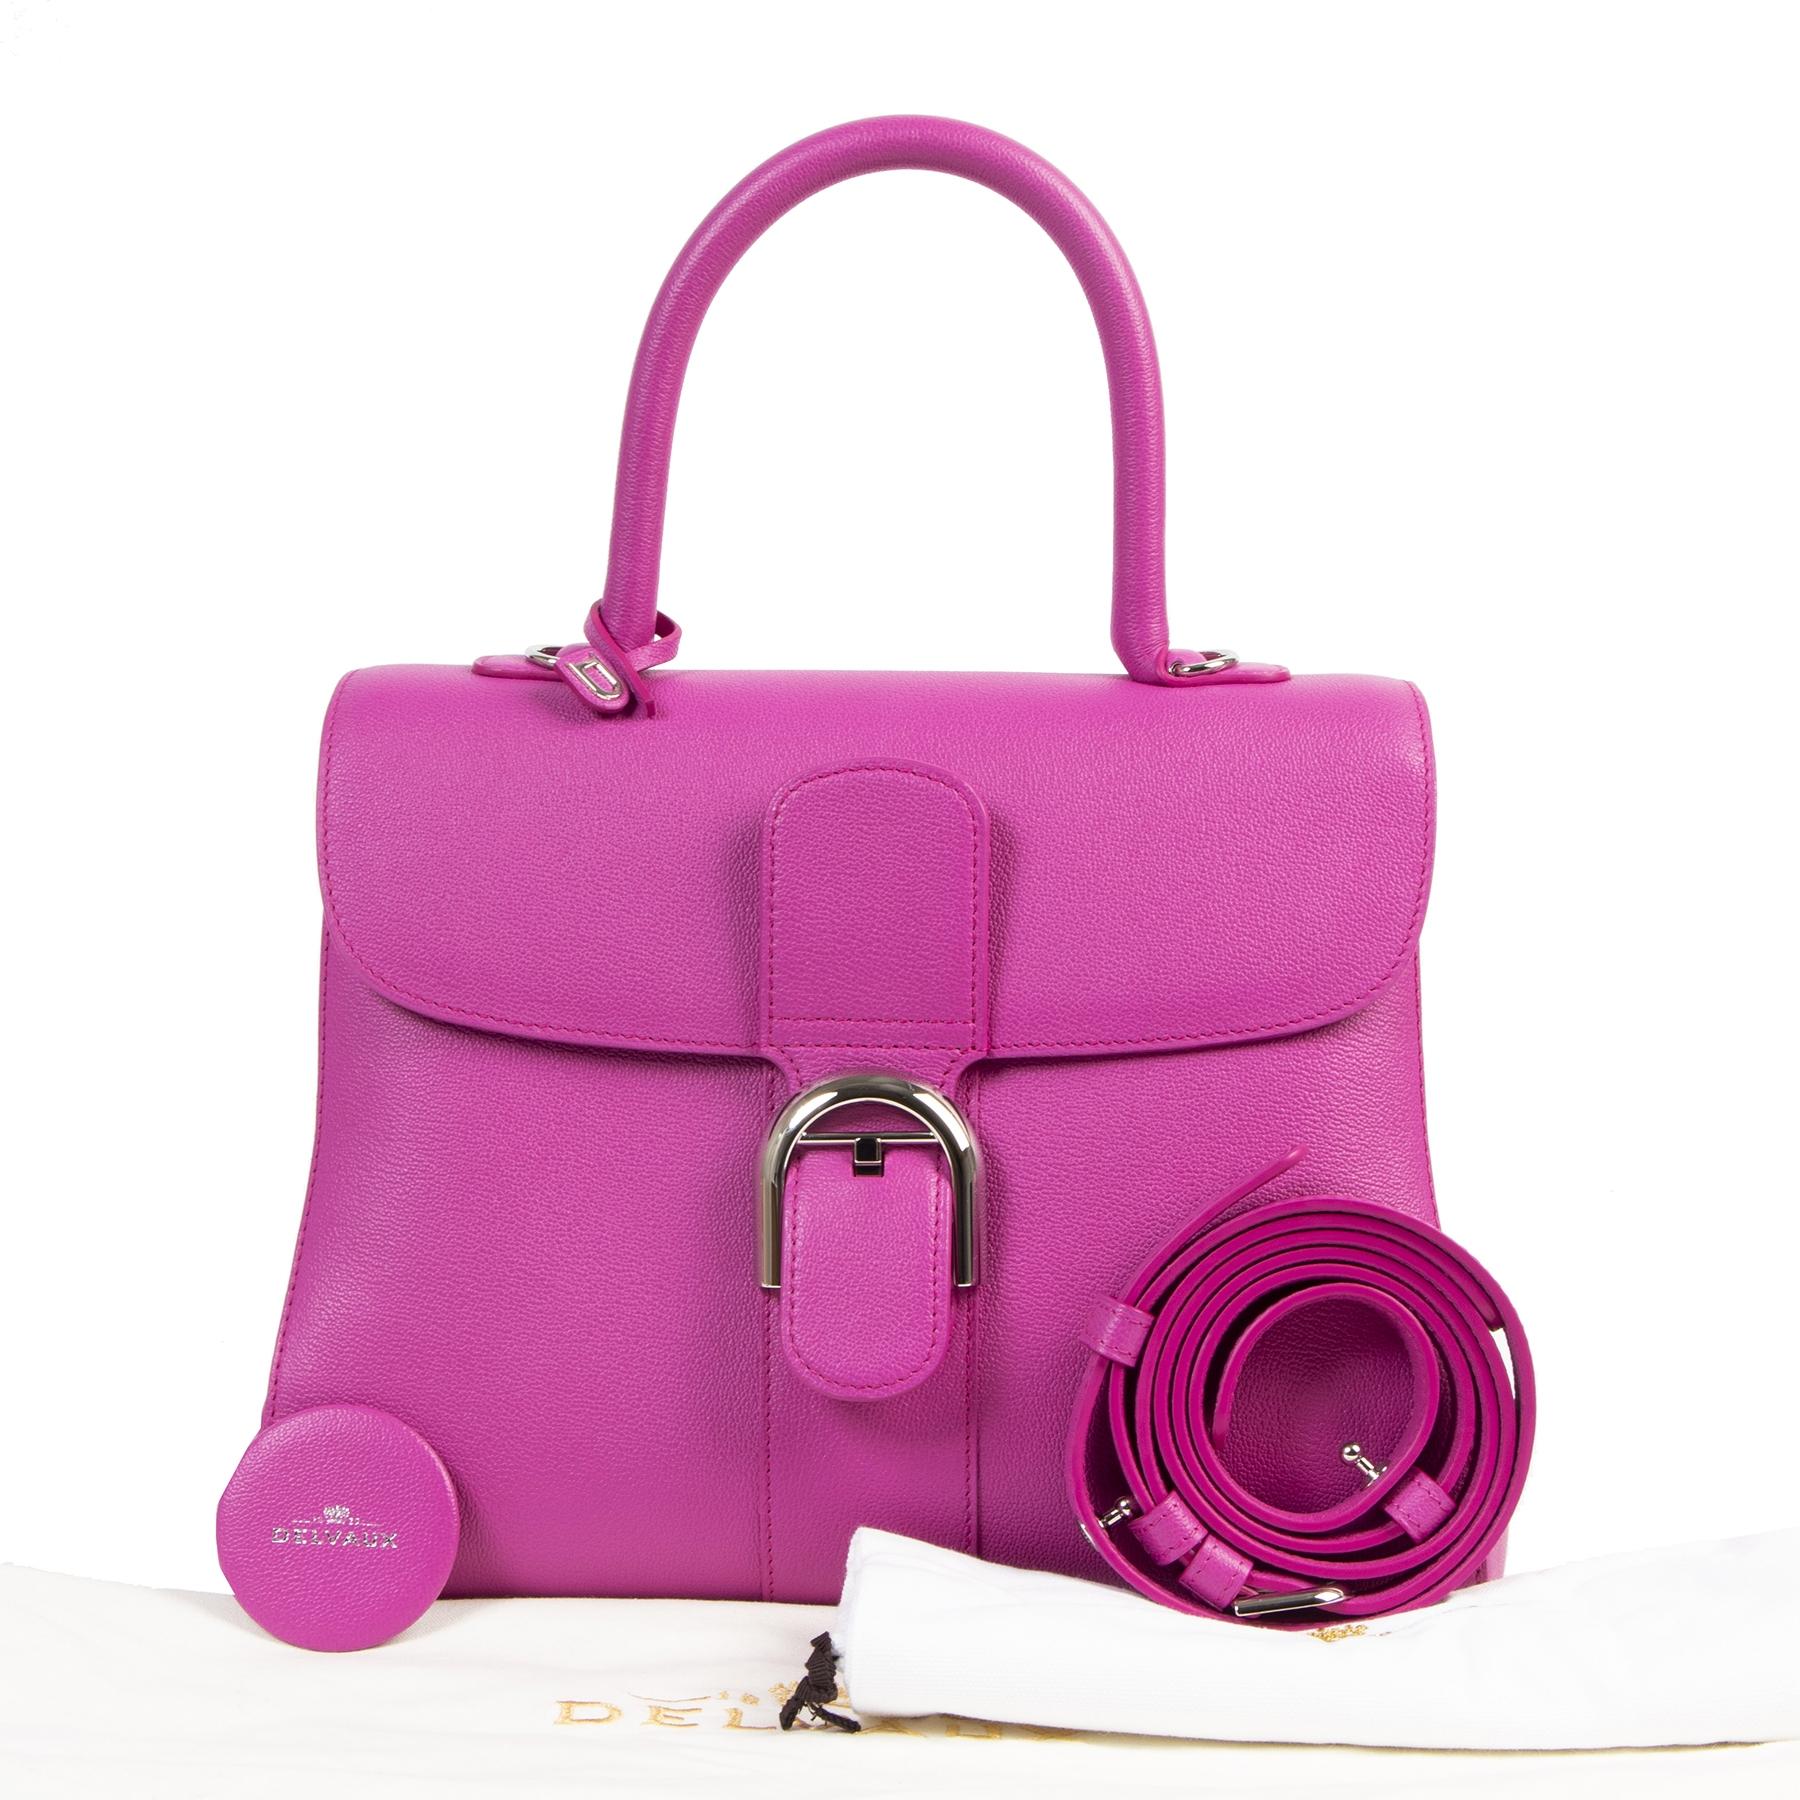 Delvaux Brillant MM Fuchsia Bag